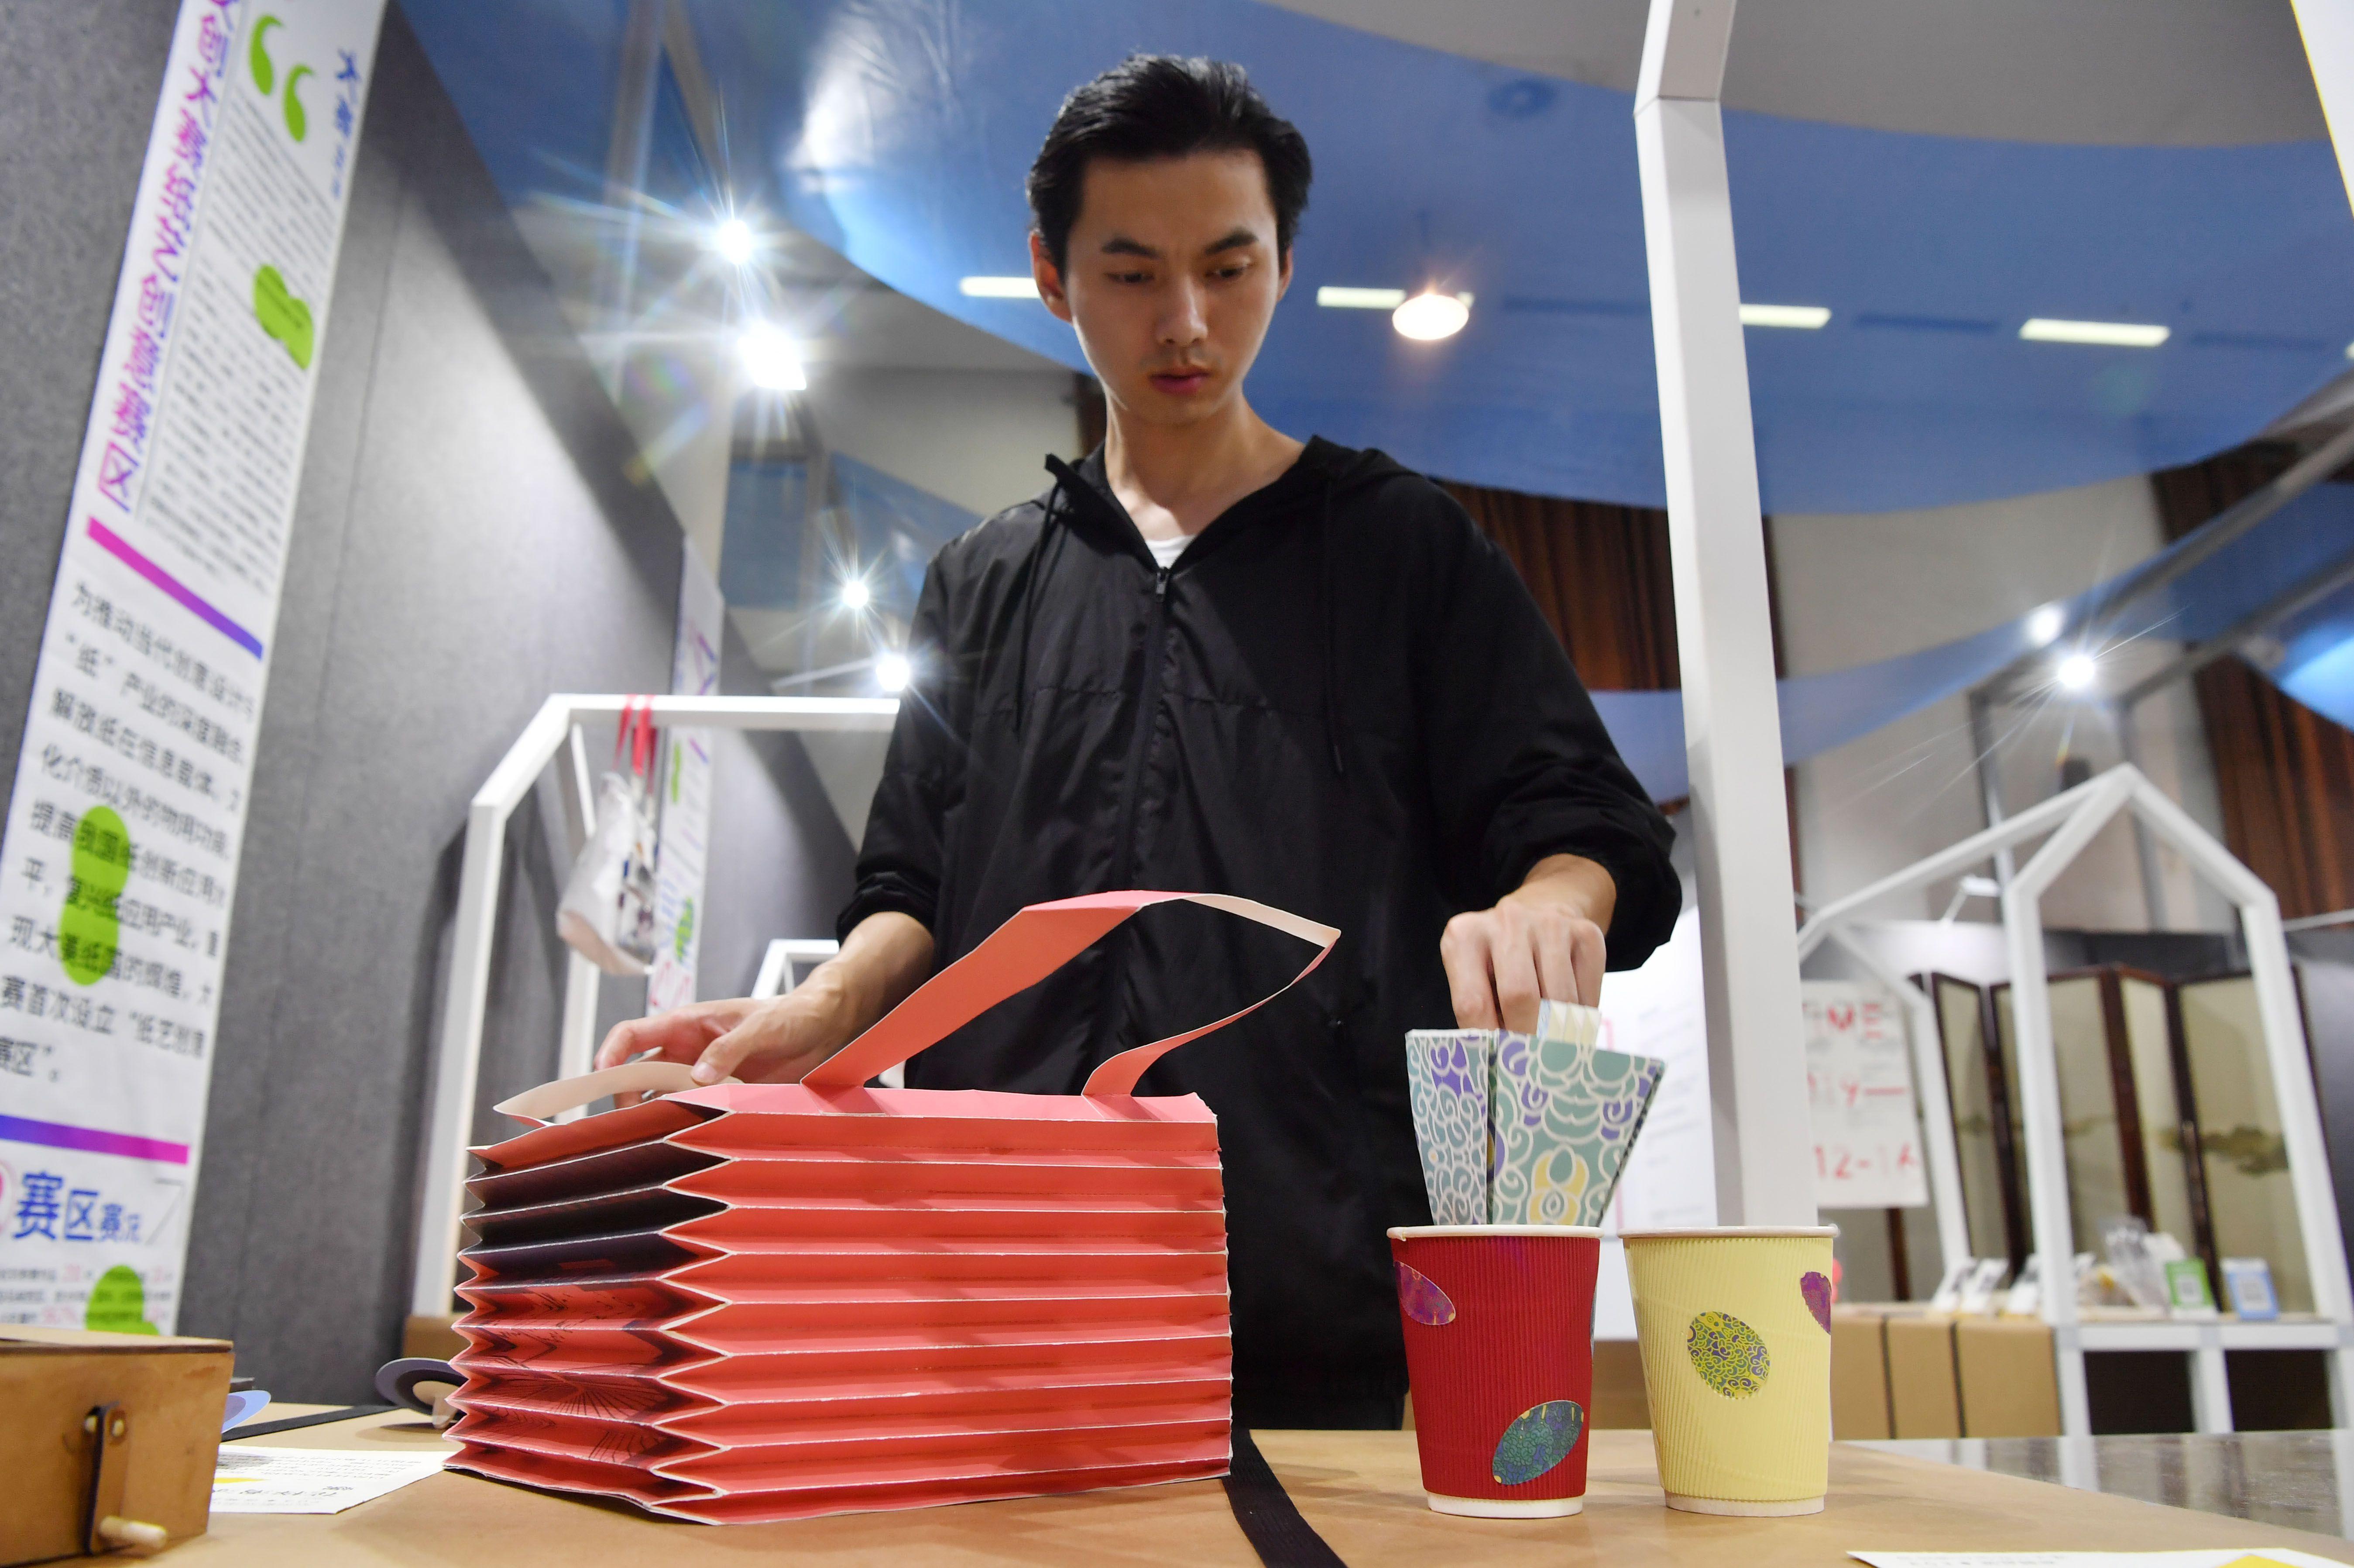 纸餐具、围棋饼干……看北京设计博览会上的全新生活方式